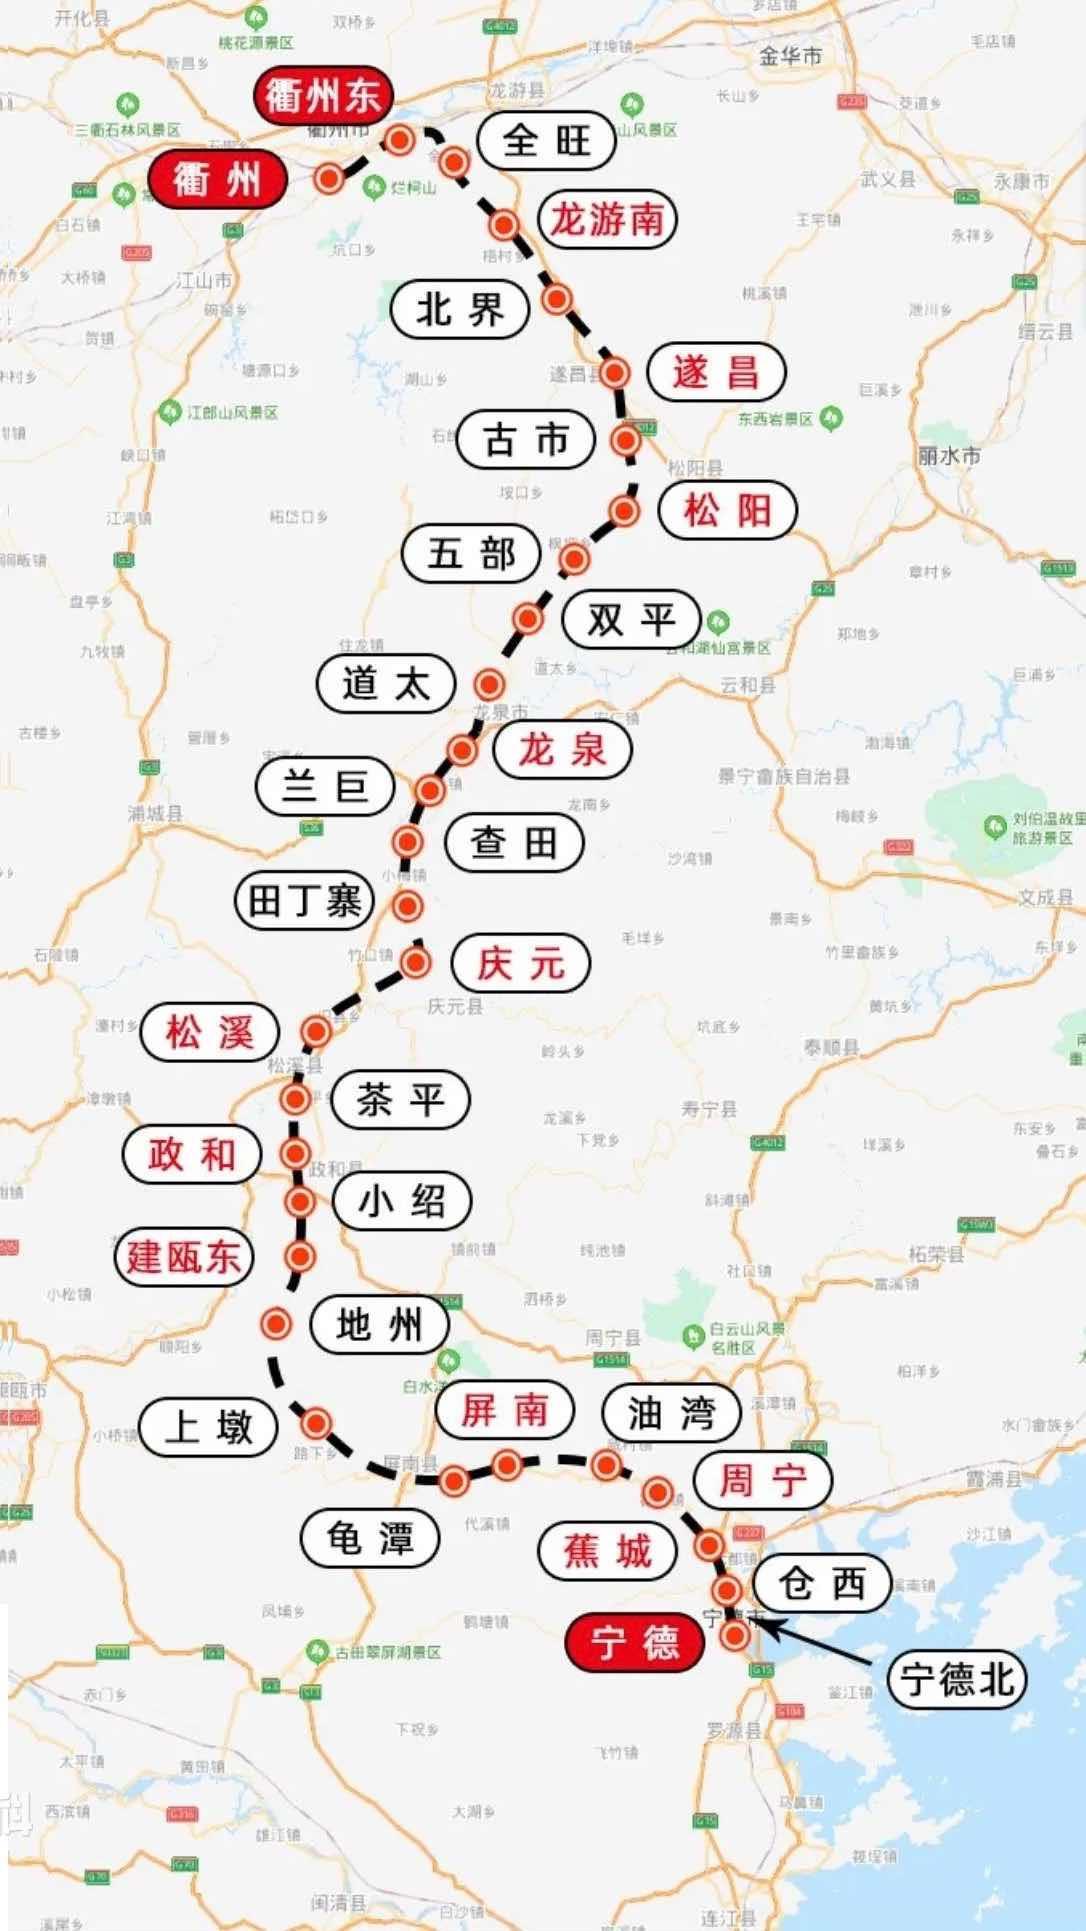 衢宁铁路线路图 百度百科 图